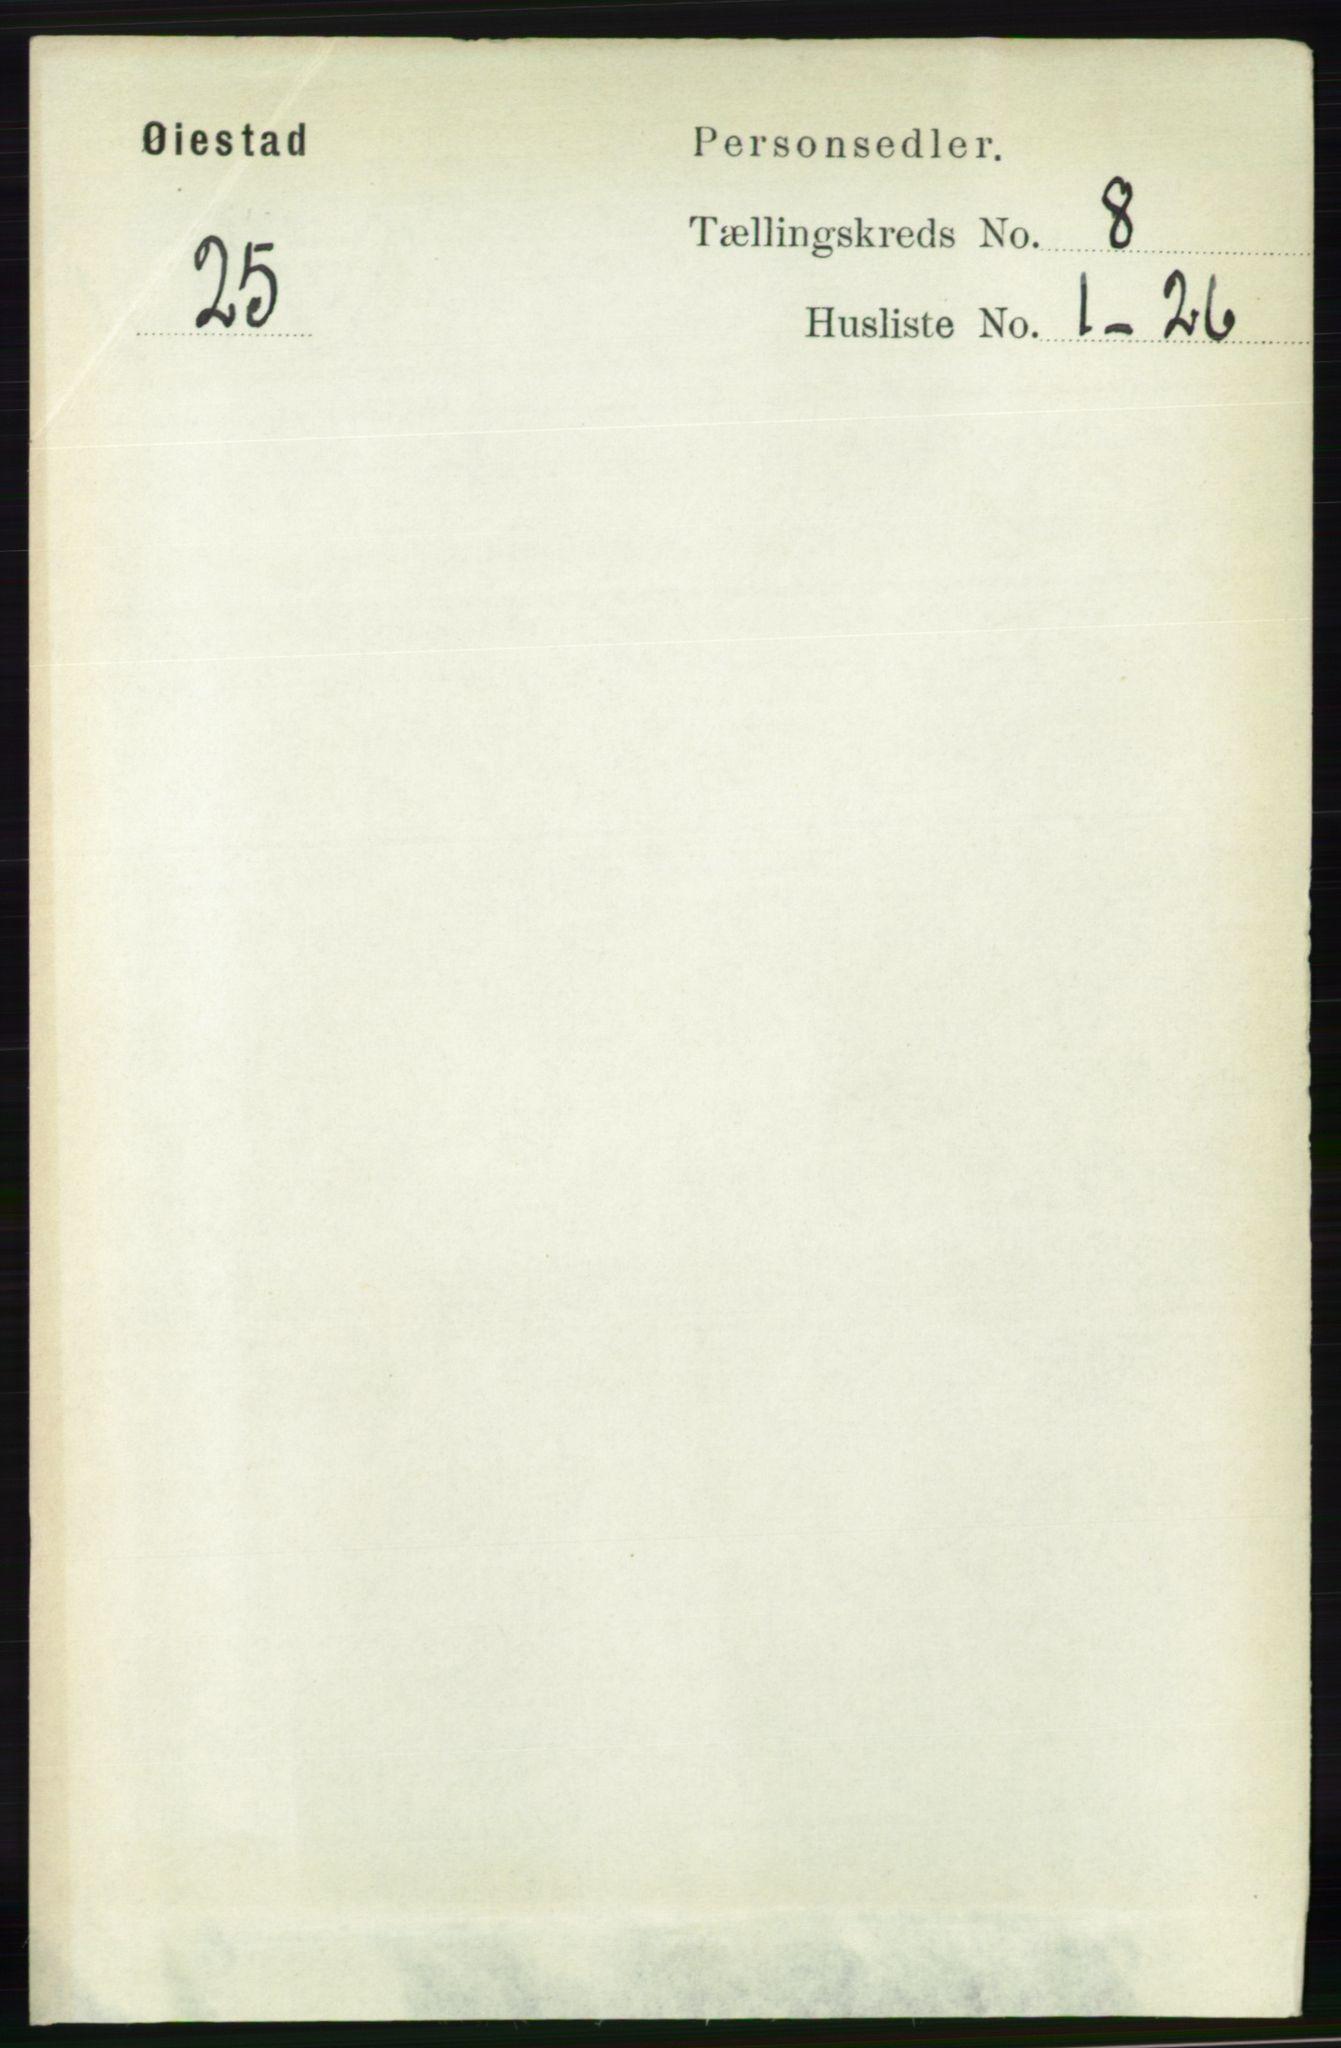 RA, Folketelling 1891 for 0920 Øyestad herred, 1891, s. 3186